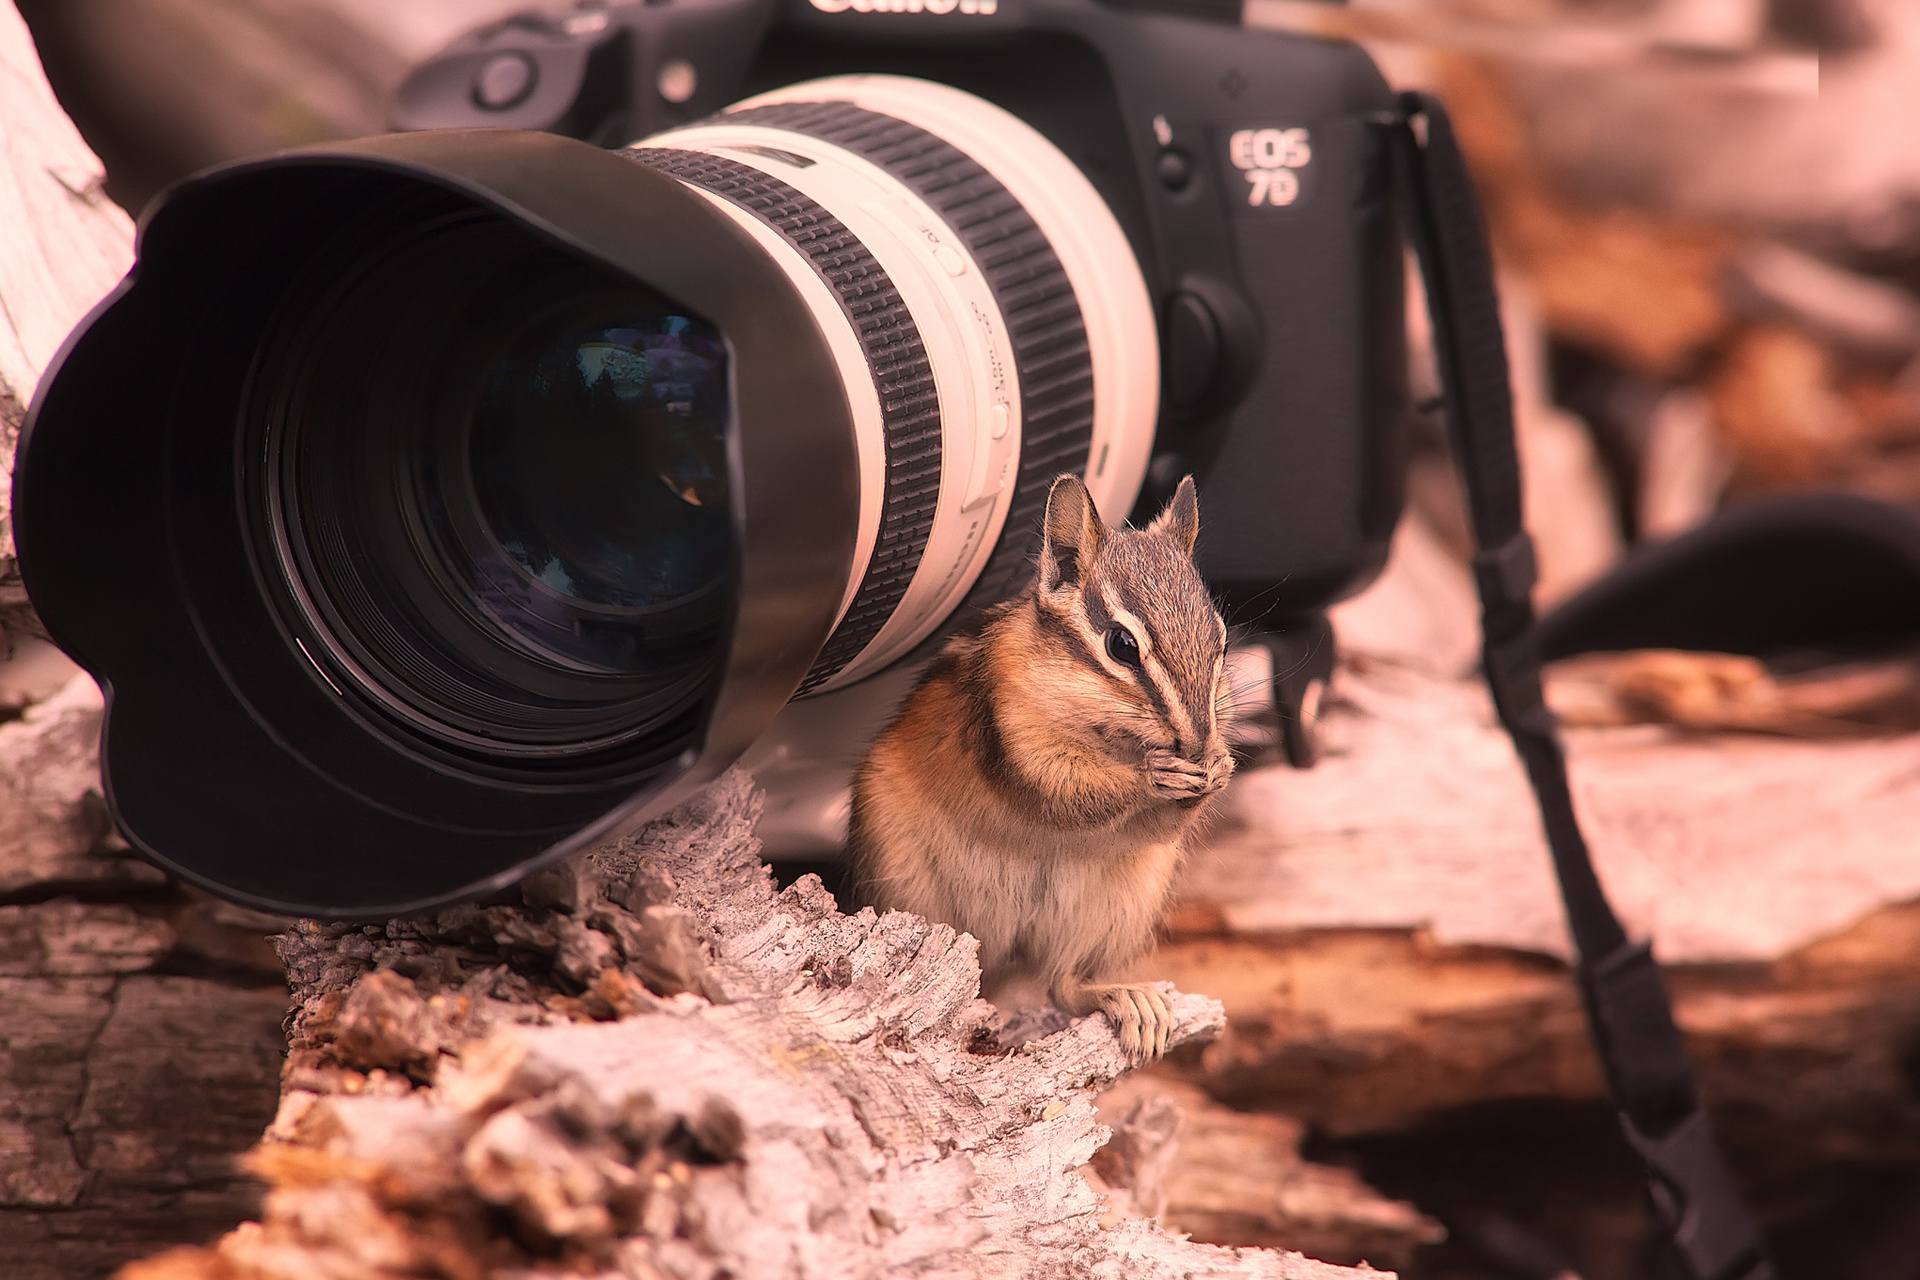 животные техника Tamron фотоаппарат animals technique the camera бесплатно